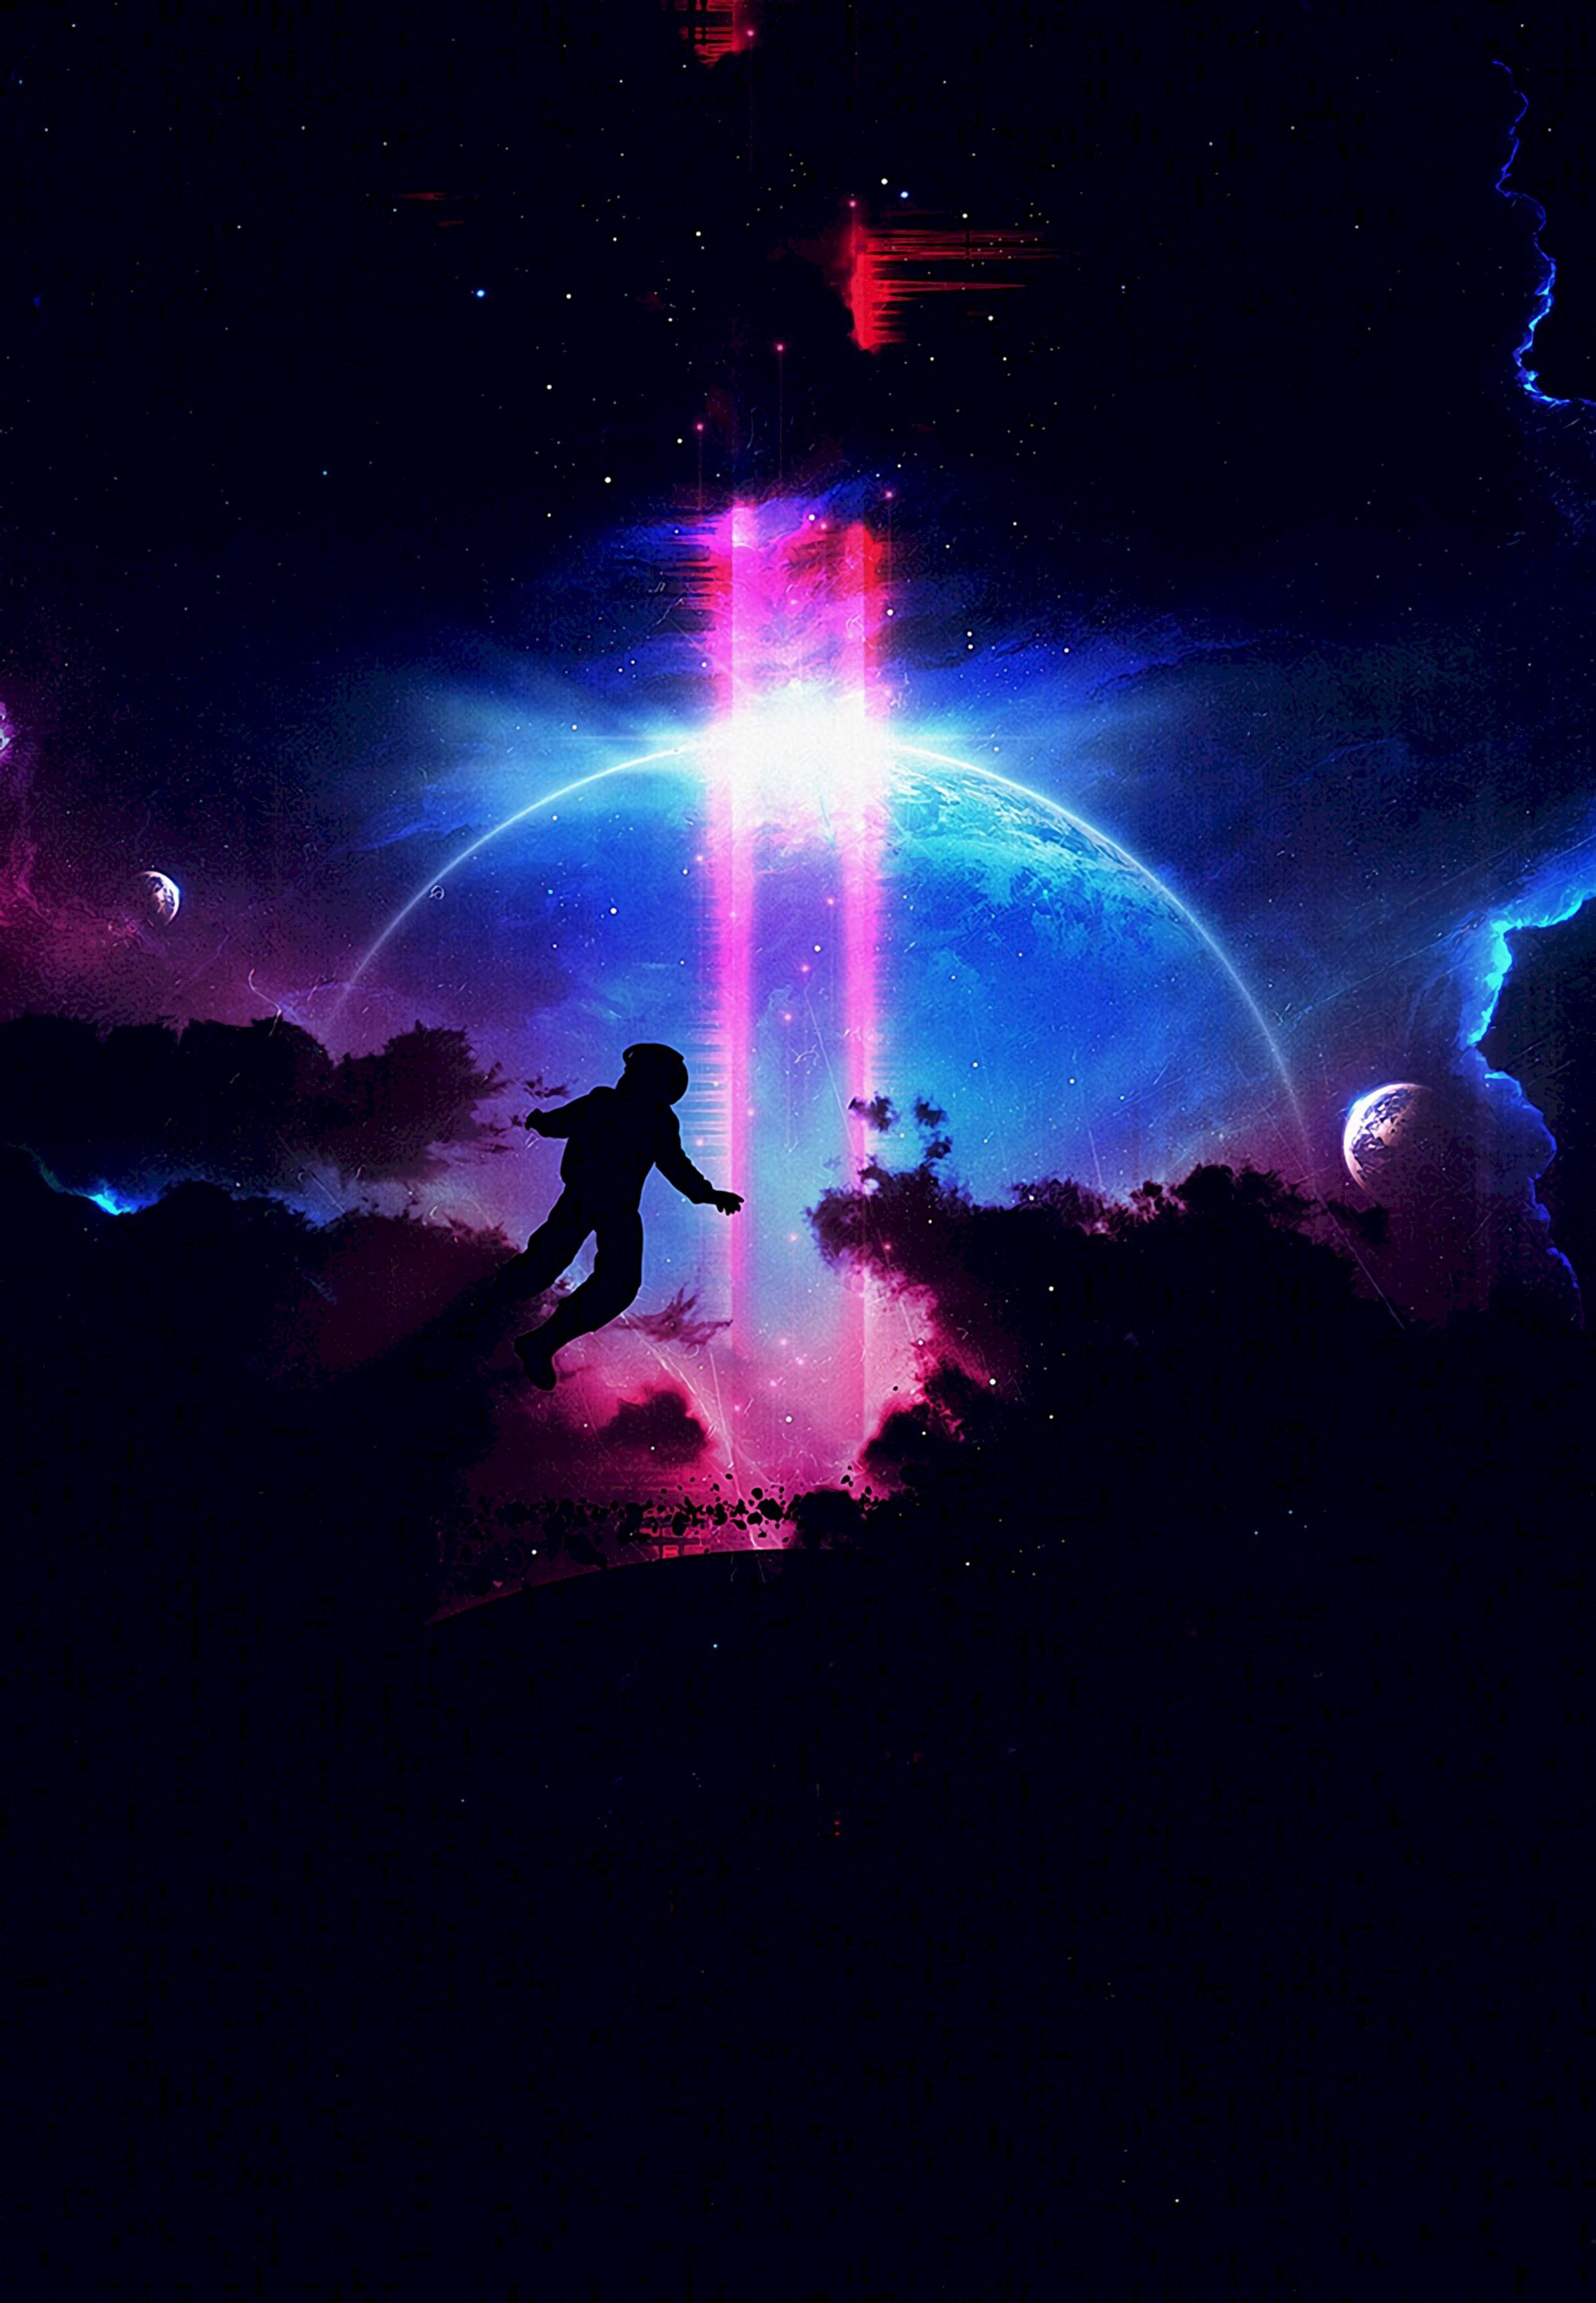 82580 Hintergrundbild herunterladen Dunkel, Silhouette, Mehrfarbig, Motley, Dunkelheit, Planet, Planeten, Prallen, Springen - Bildschirmschoner und Bilder kostenlos